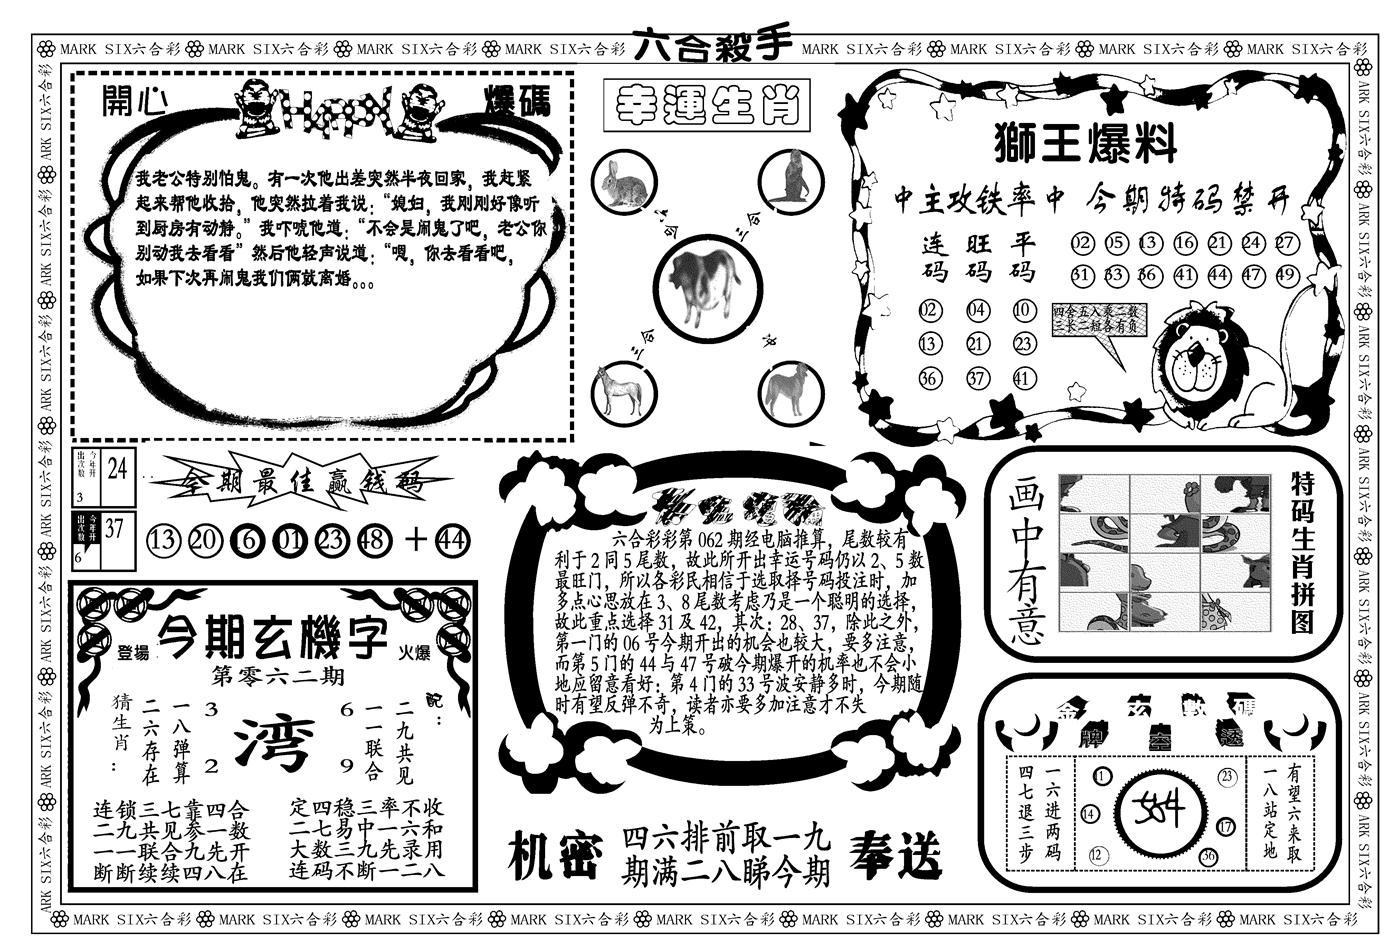 062期新六合杀手B(黑白)